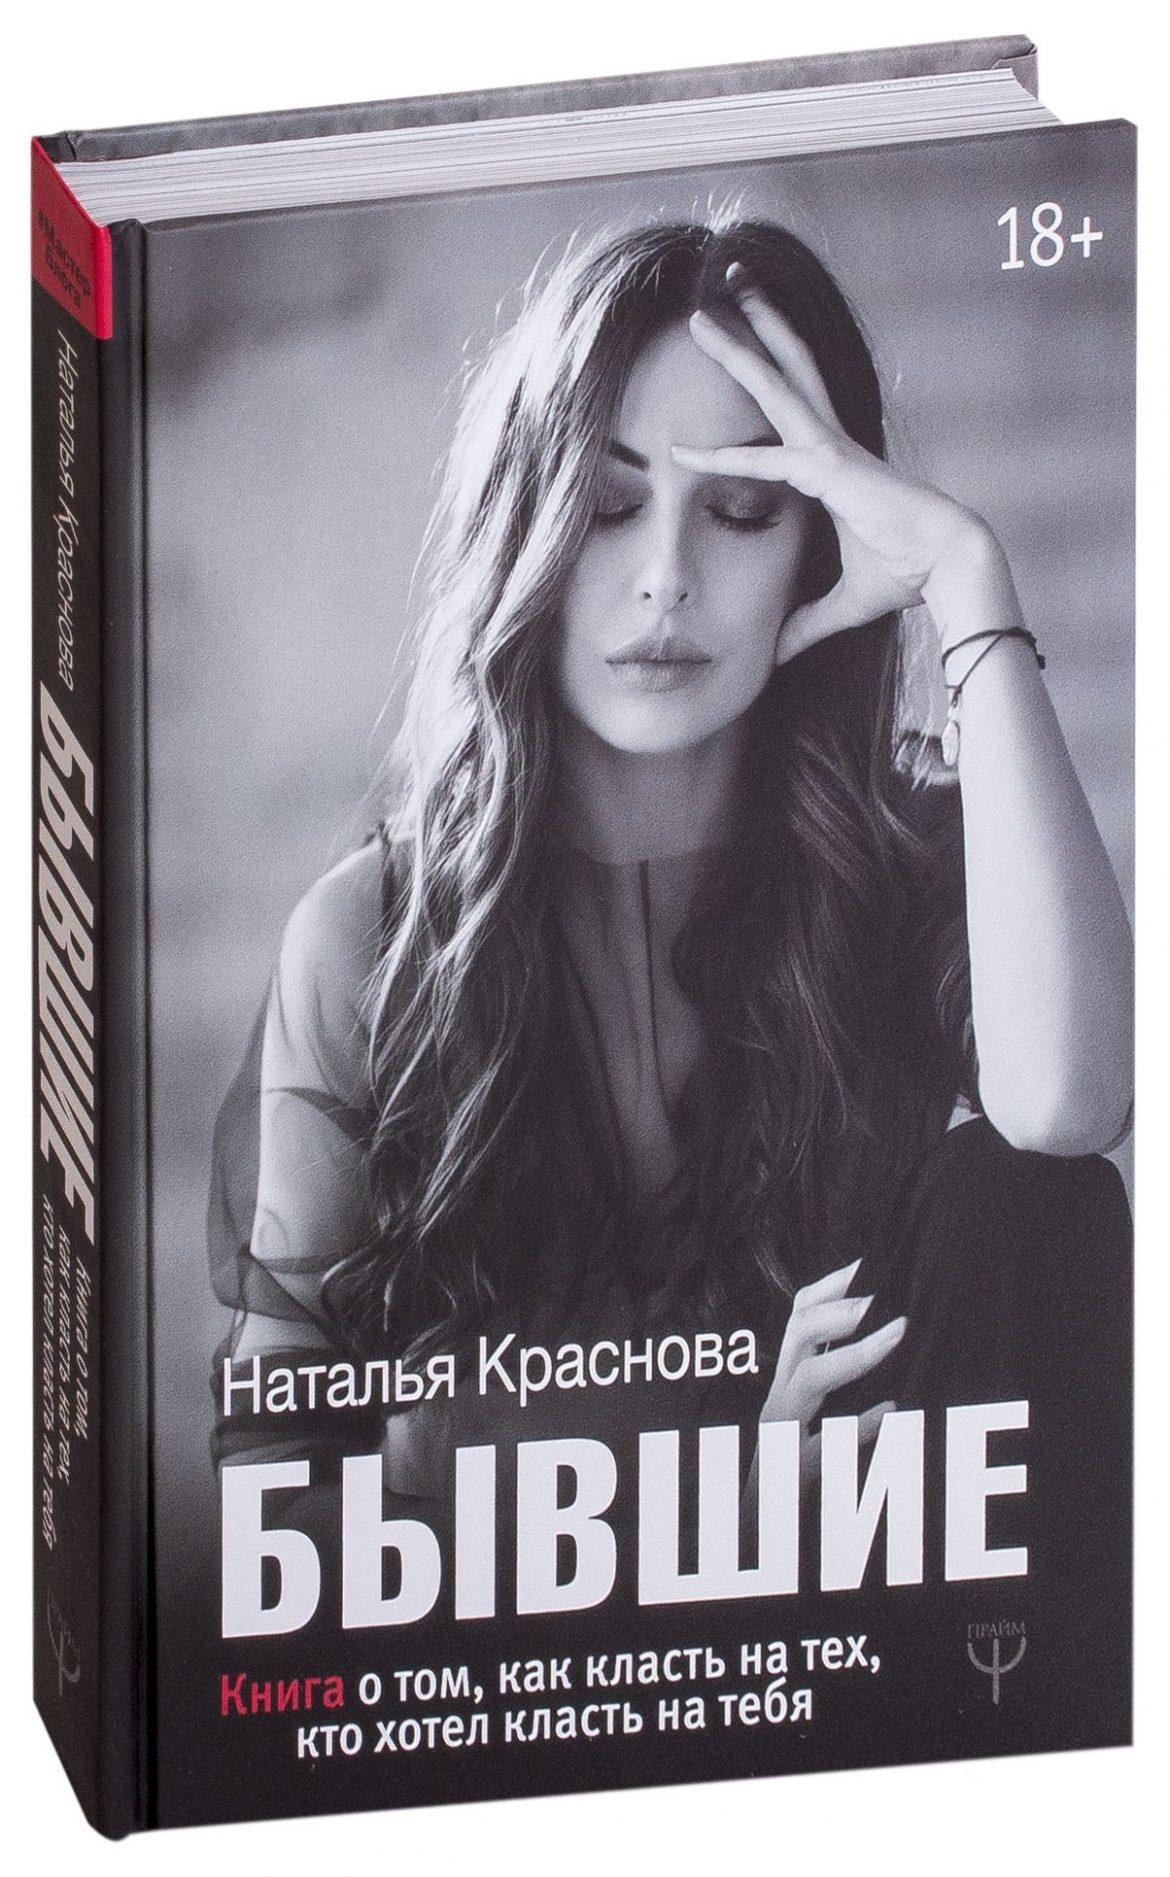 Бывшие — Наталья Краснова